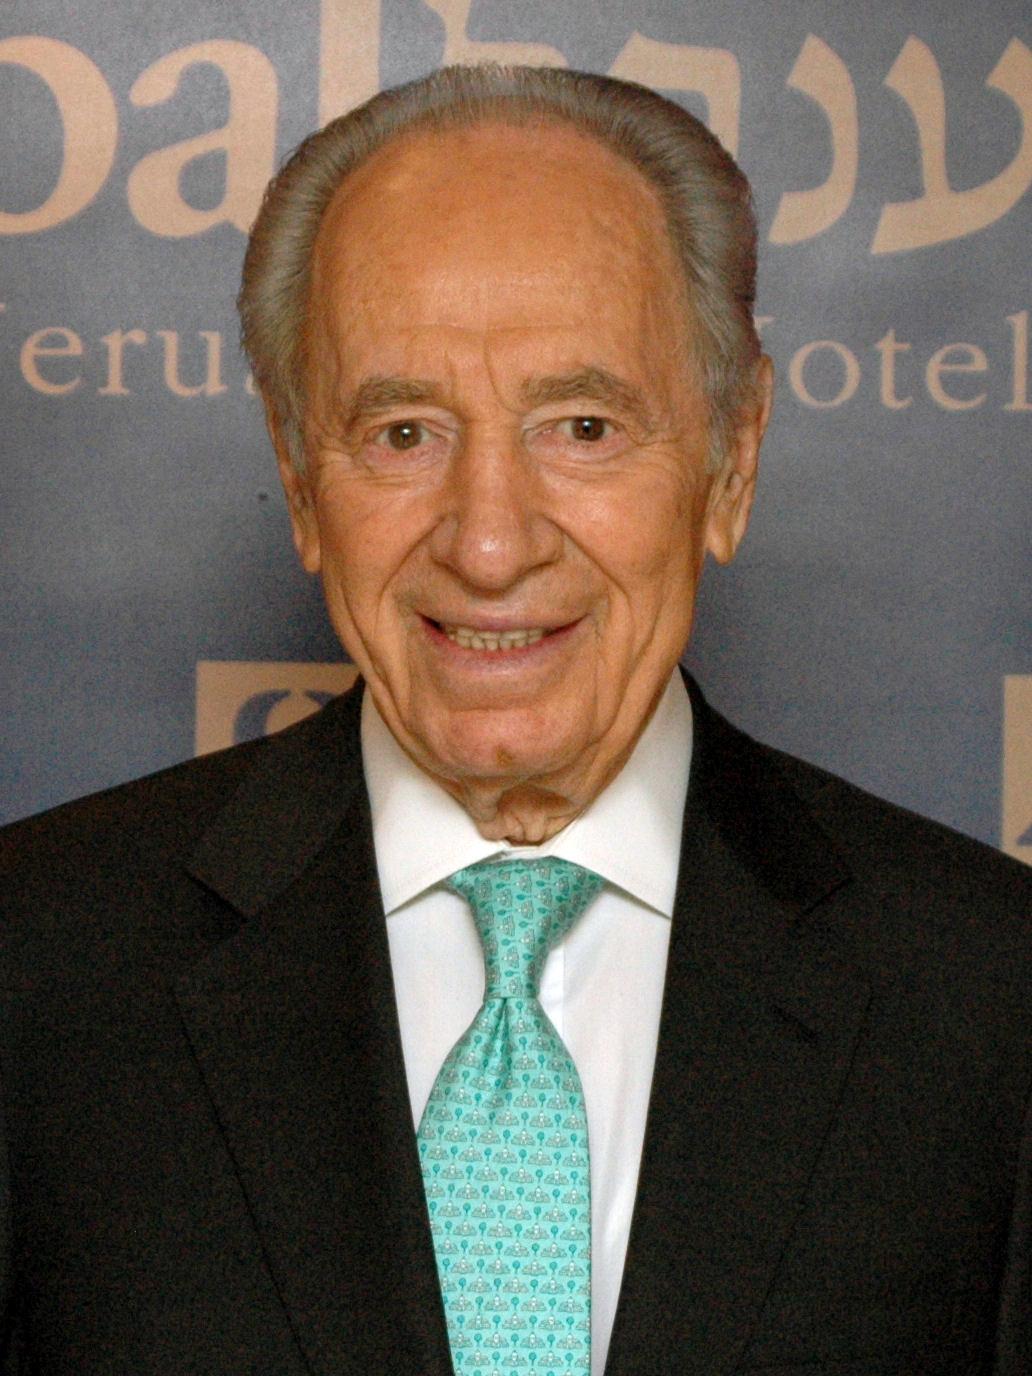 シモン・ペレス - Wikipedia